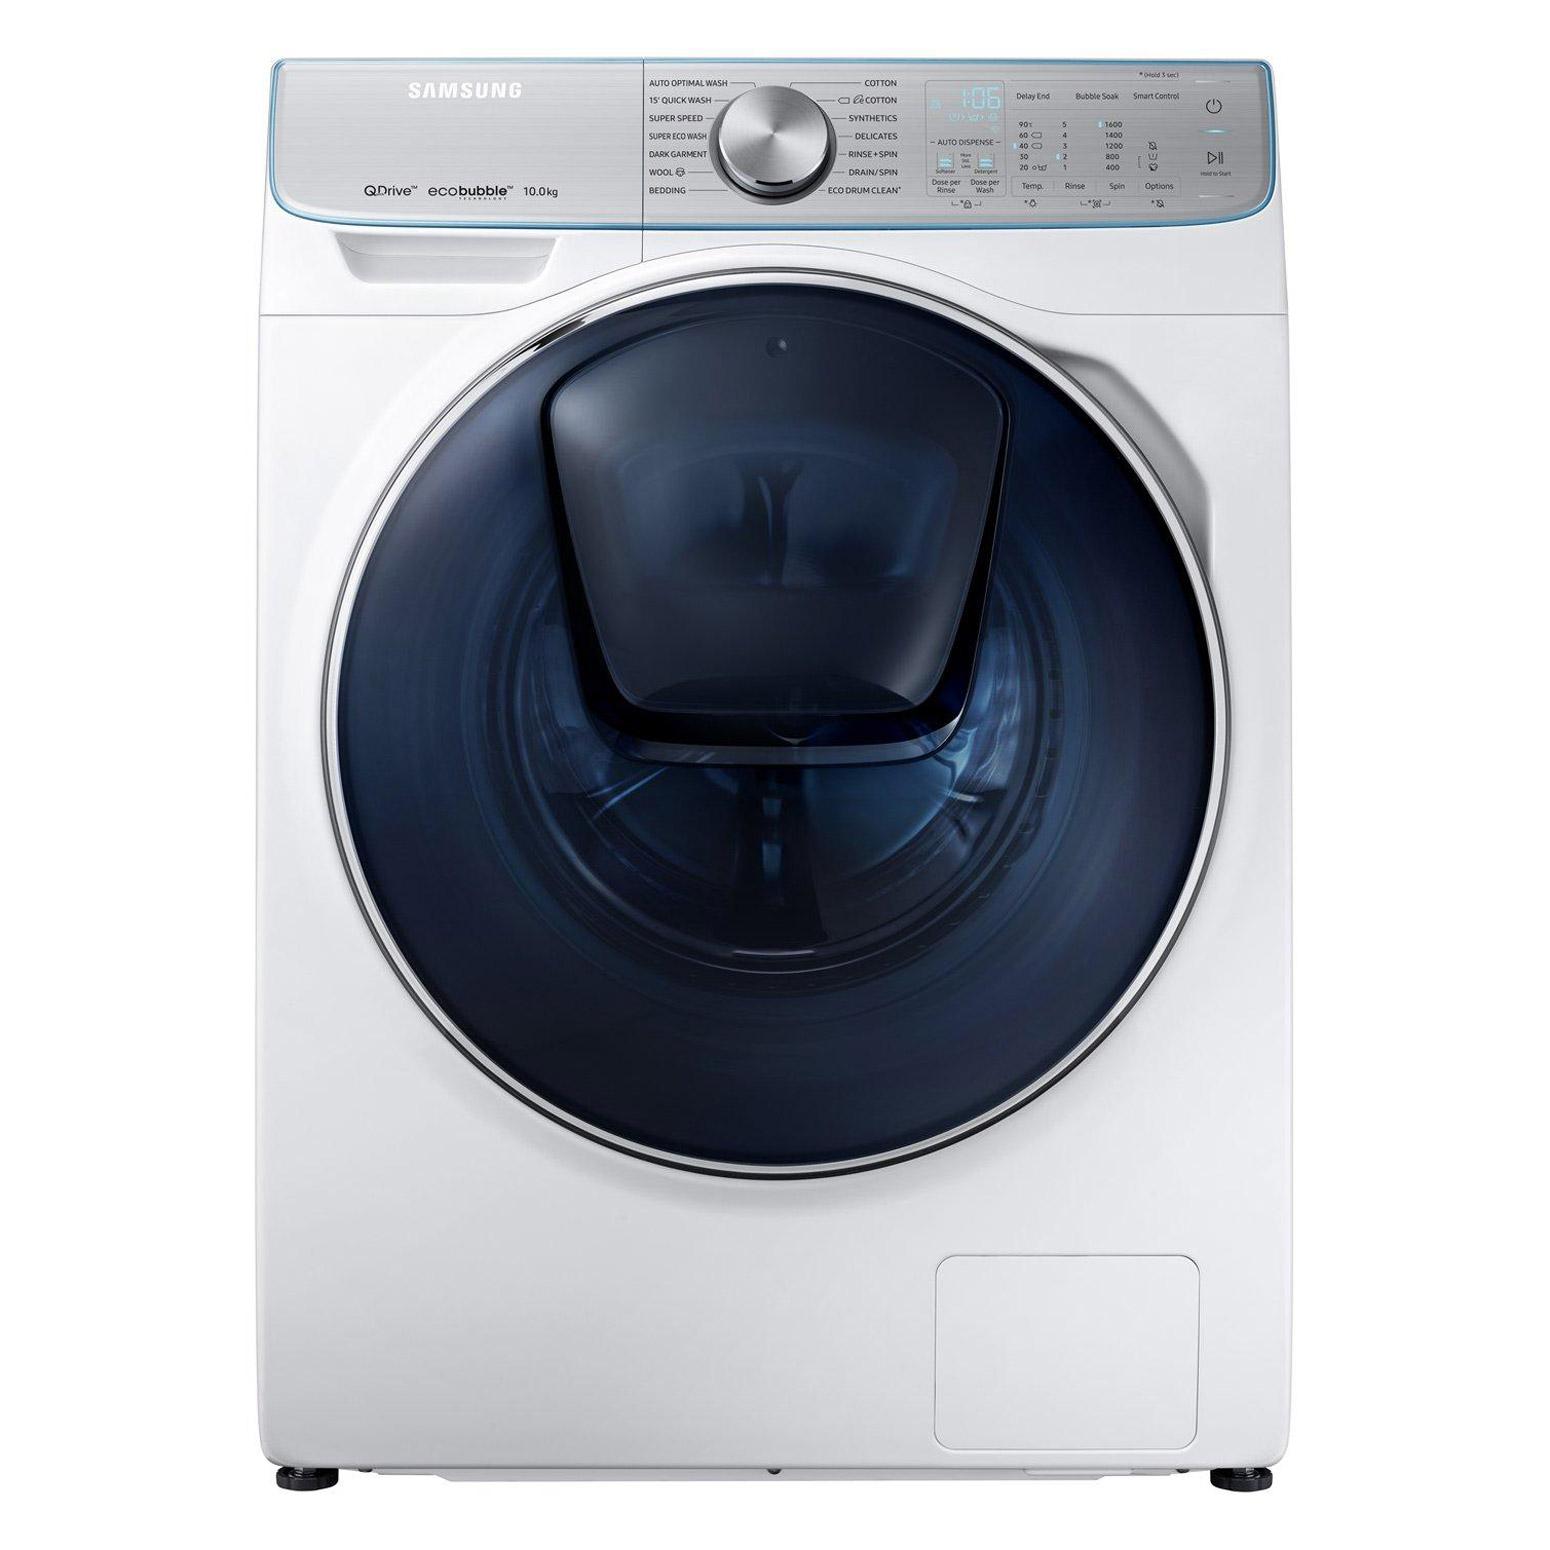 Samsung WW10M86DQOA QuickDrive AddWash Washing Machine in White, 10kg